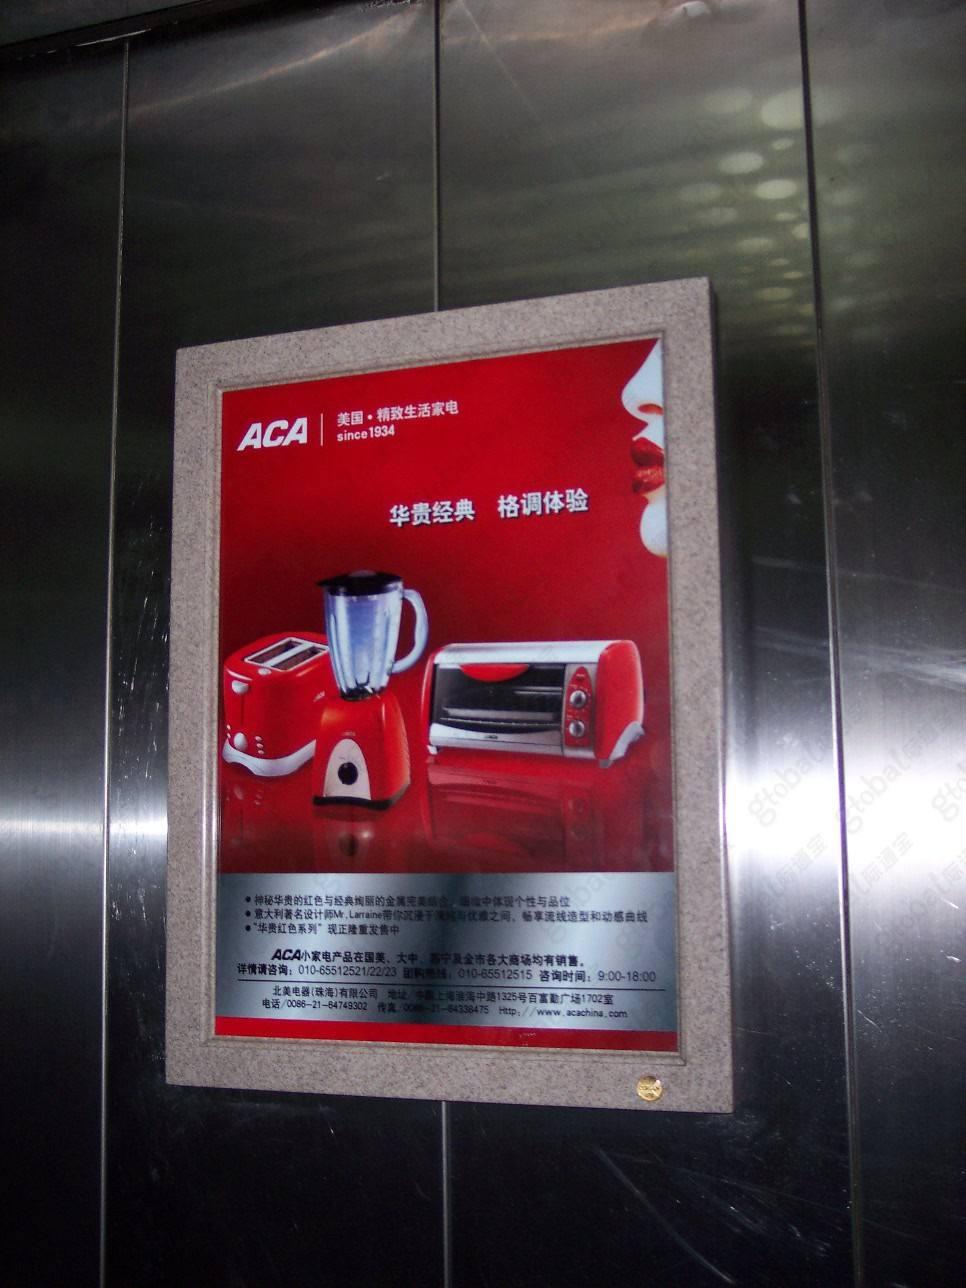 兰州高端写字楼电梯广告-分众资源低至2折